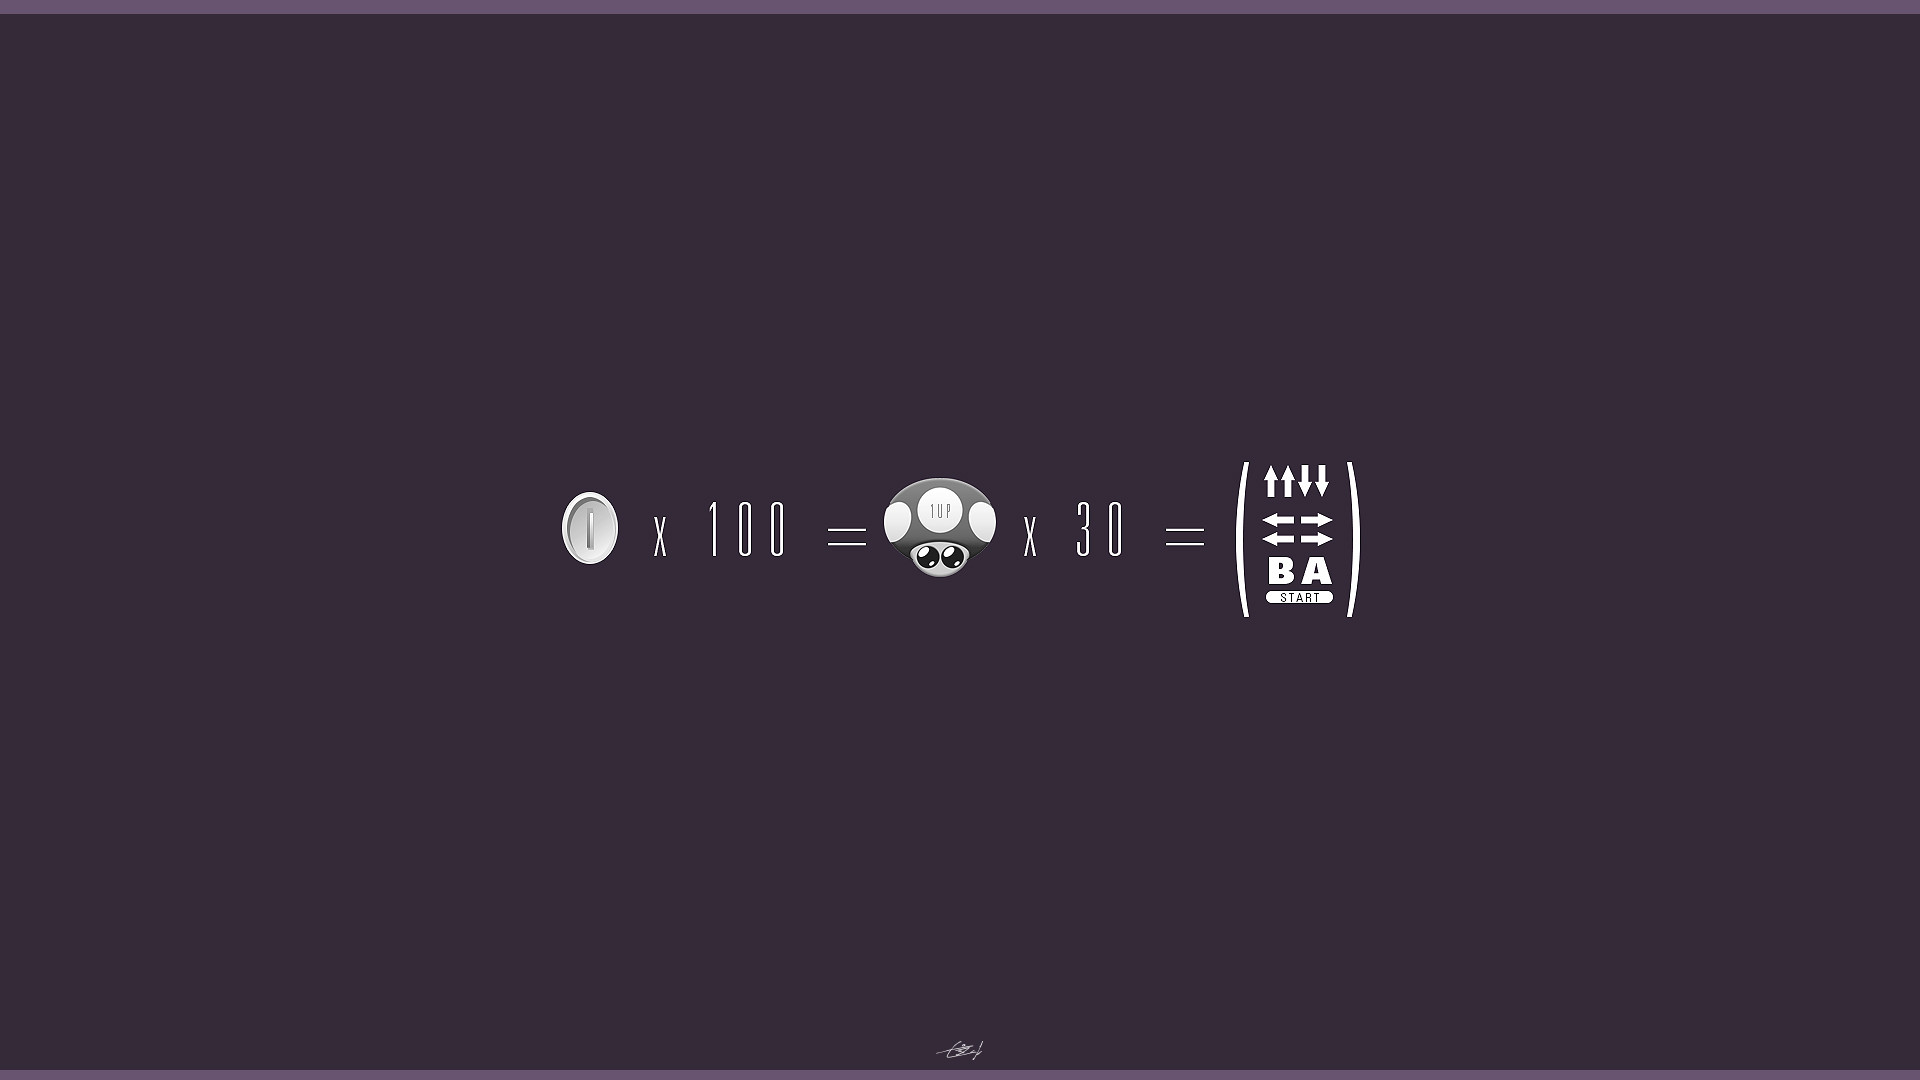 Video Game – Mario Coin Contra Wallpaper